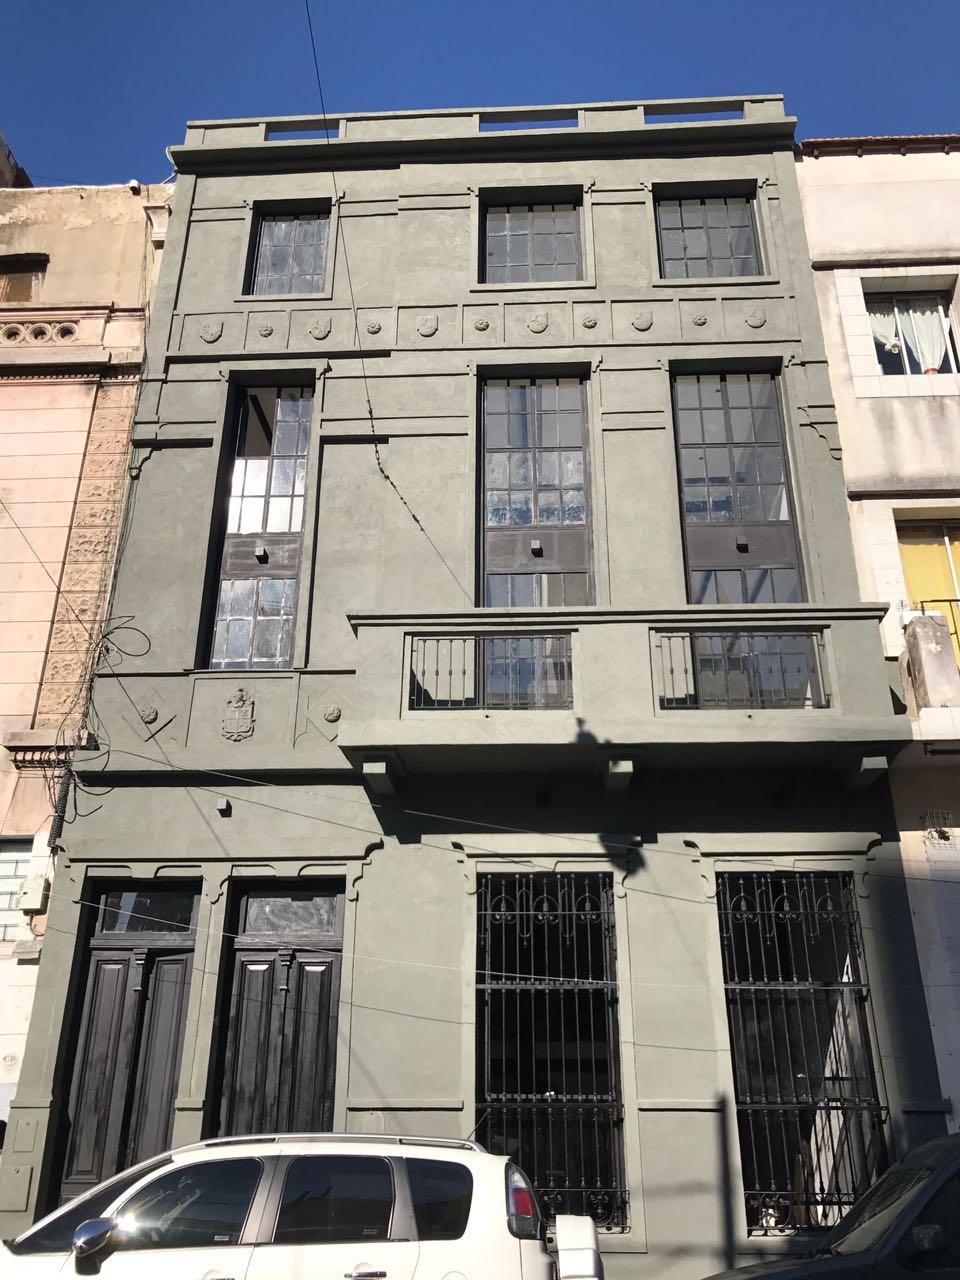 EDIFICIO EN BLOCK TIPO SOHO DE NYC